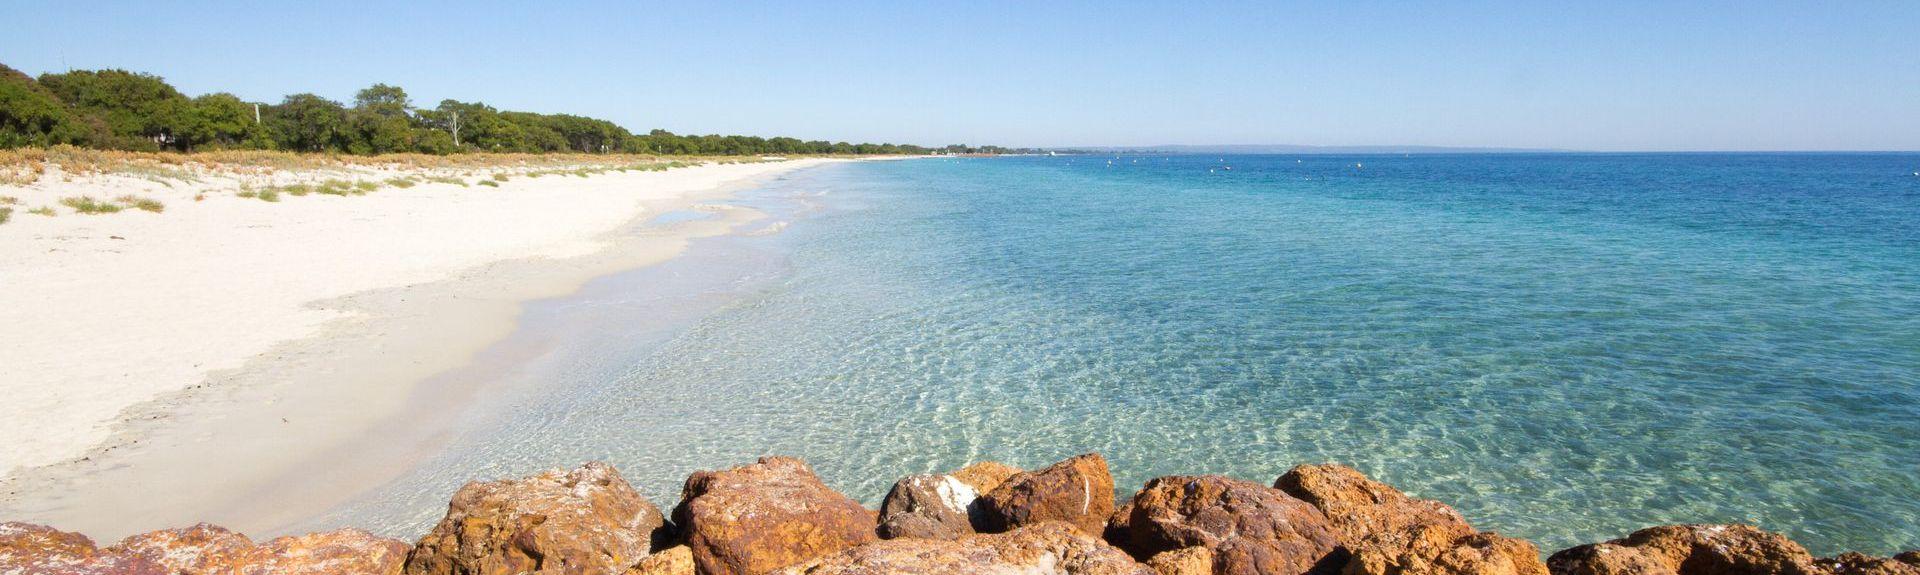 Broadwater WA, Australia